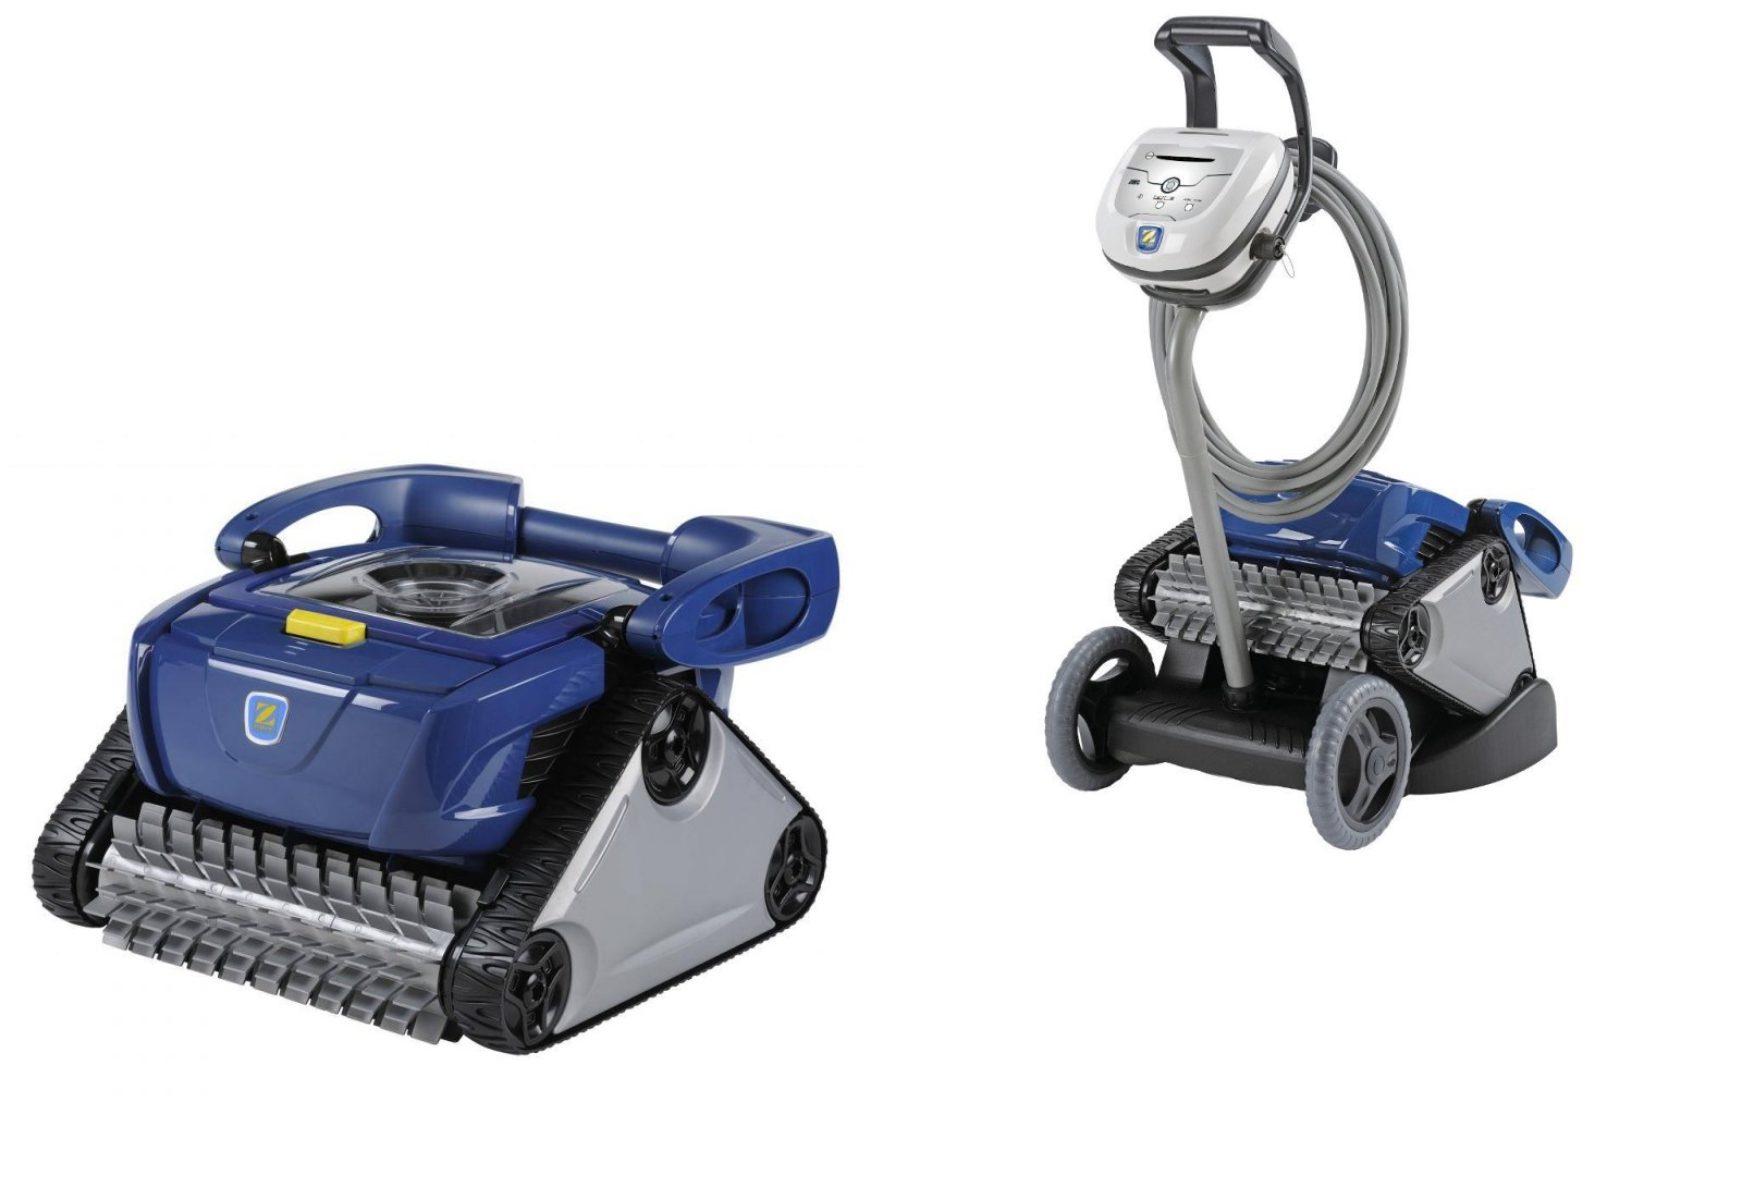 das Bild zeigt den RC 4400 CyclonX Pro, Push'n Go Poolroboter mit und ohne Caddy